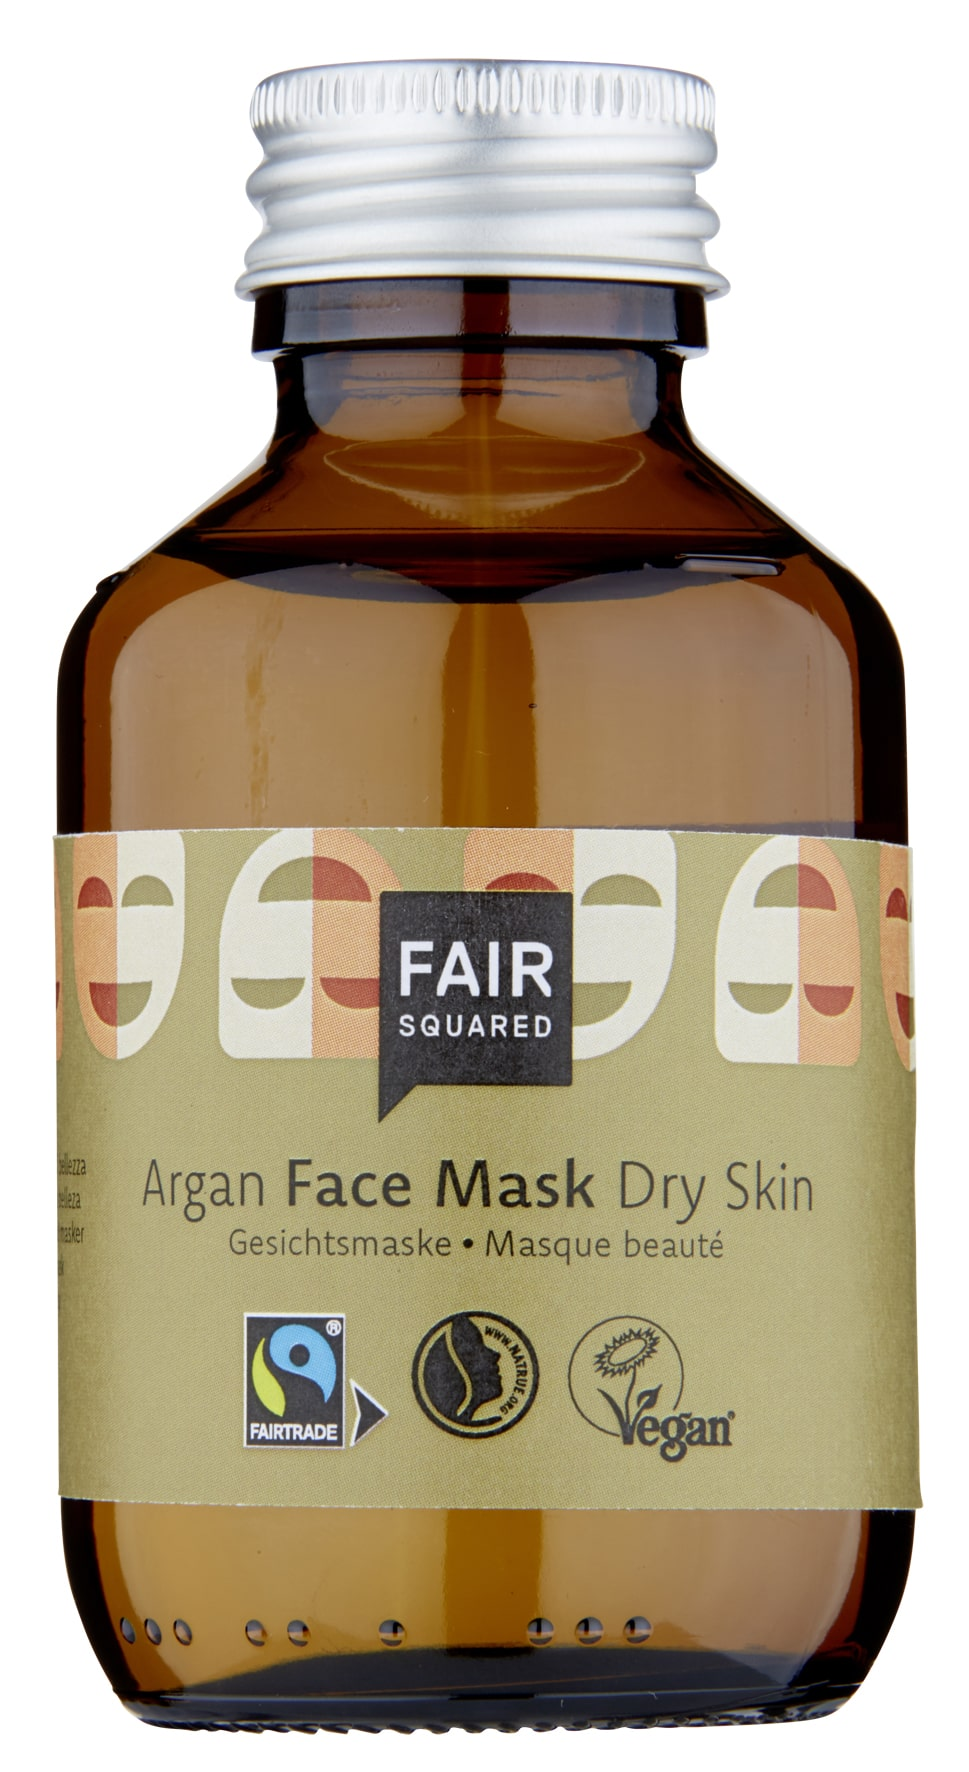 Argan Facial Mask Dry Skin